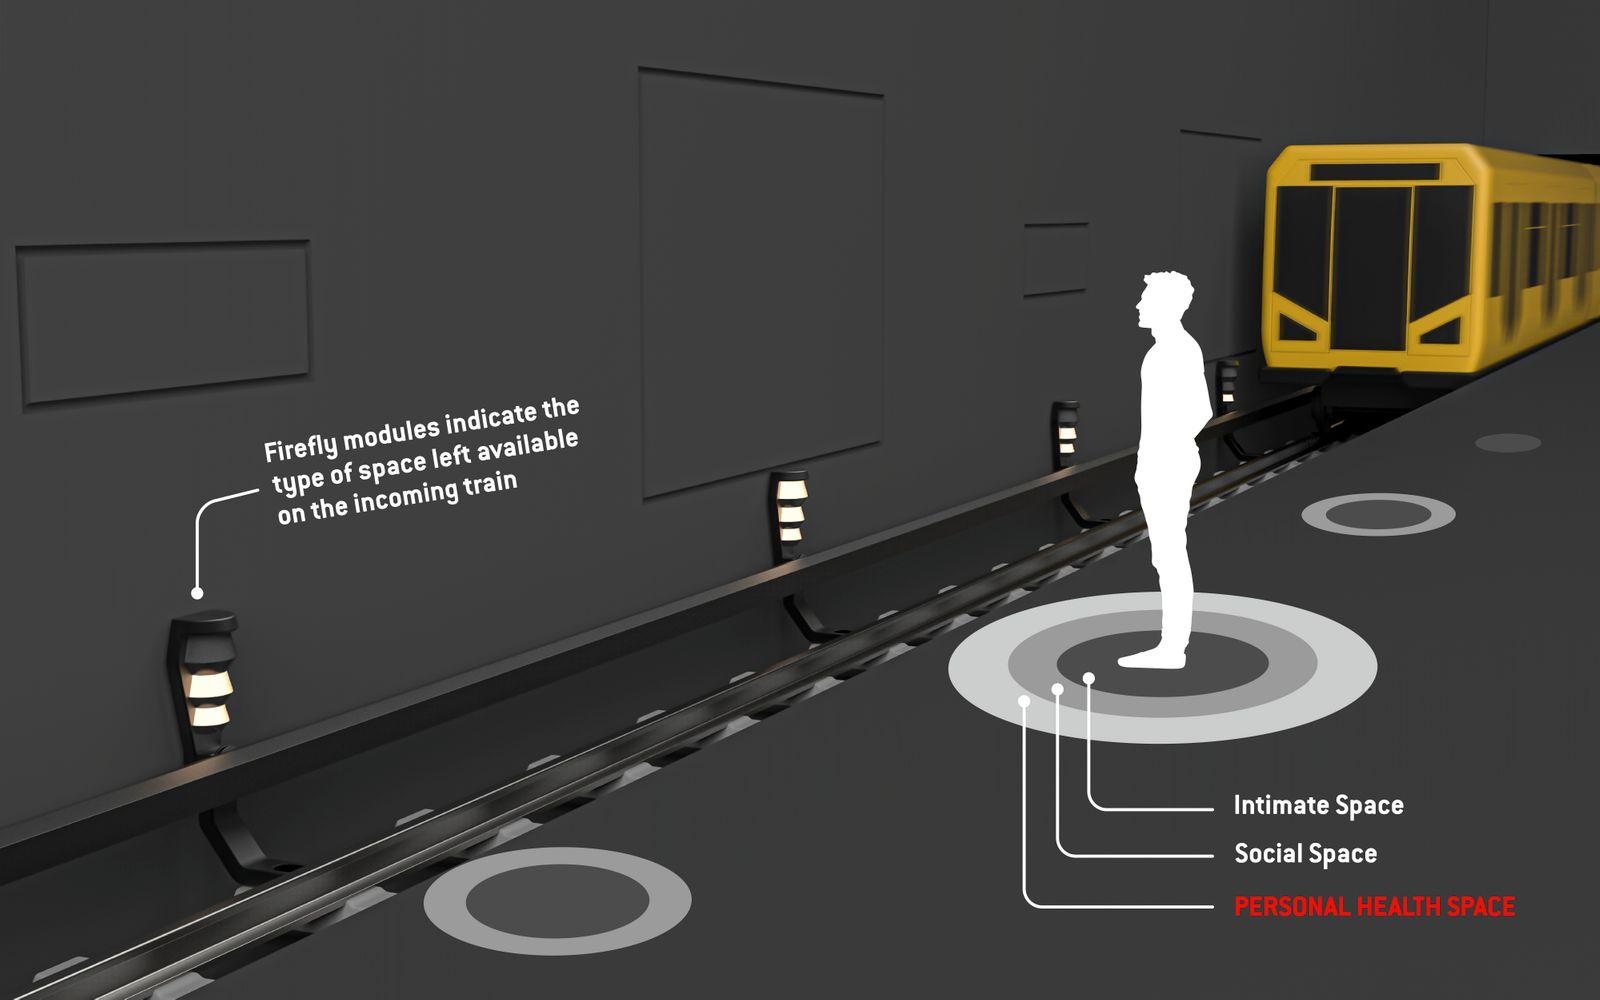 Projekt Firefly für mehr Abstand im ÖPNV